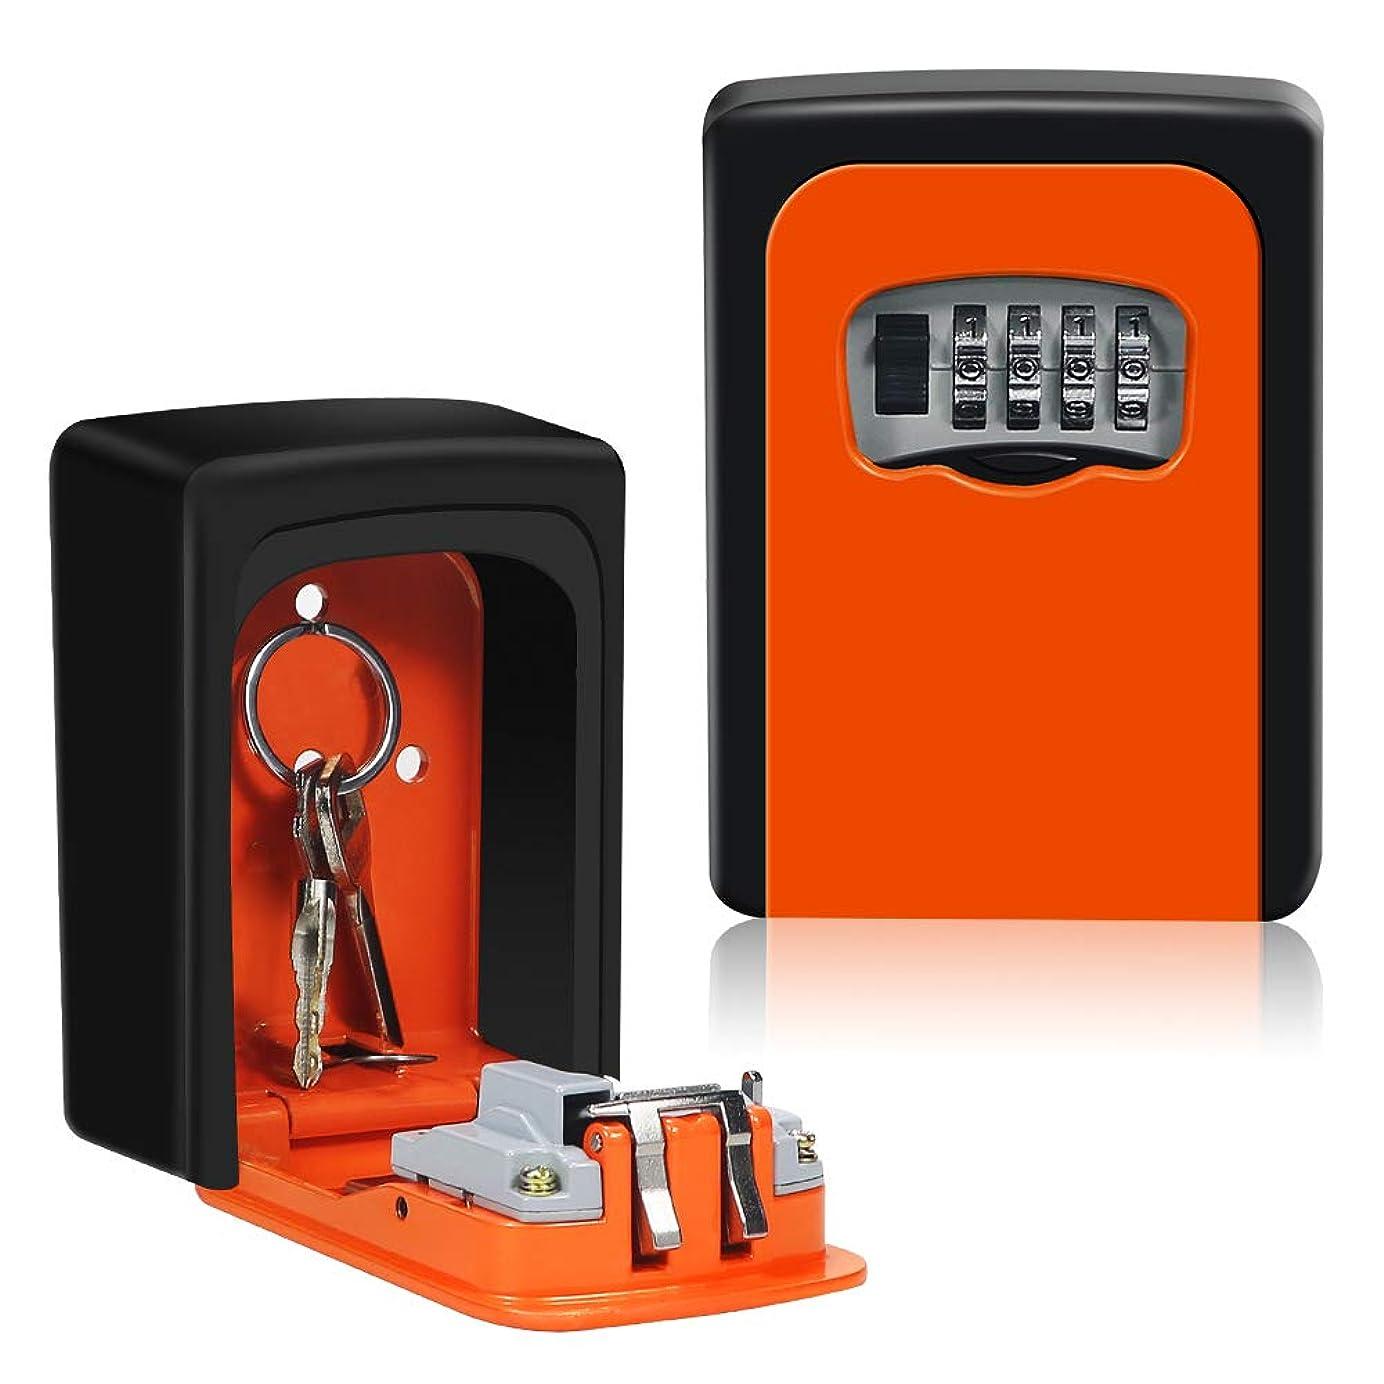 みなさんスカーフ関連するセキュリティキーボックス 鍵収納ボックス 壁掛け 南京錠 4桁 日本語説明書 (オレンジ)